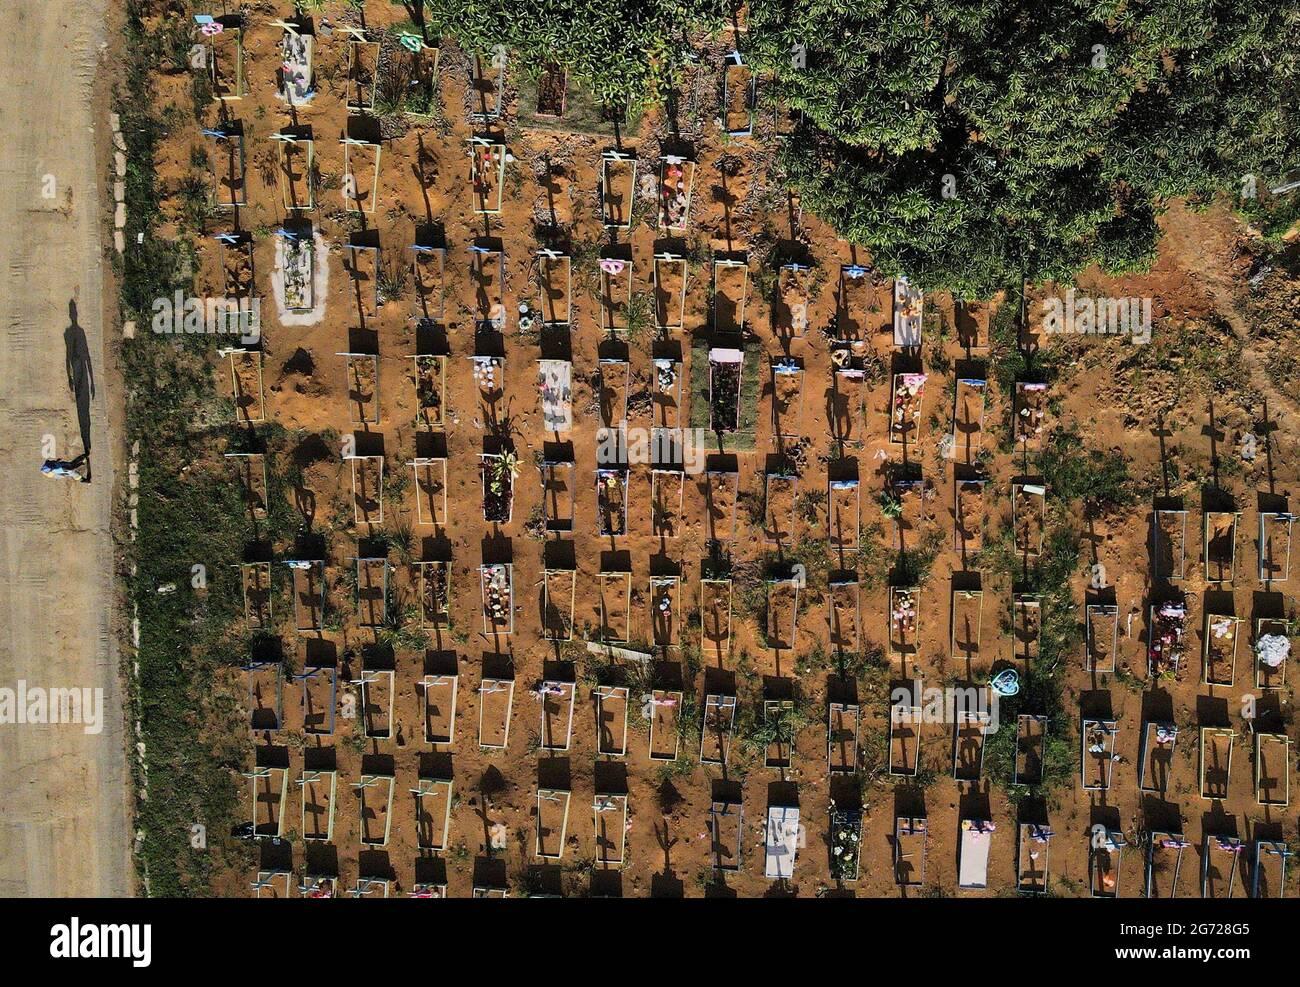 Eine Luftaufnahme zeigt den Friedhof Parque Taruma inmitten des Ausbruchs der Coronavirus-Krankheit (COVID-19) in Manaus, Bundesstaat Amazonas, Brasilien, 7. Juli 2021. Aufgenommen mit einer Drohne am 7. Juli 2021. REUTERS/Bruno Kelly Stockfoto